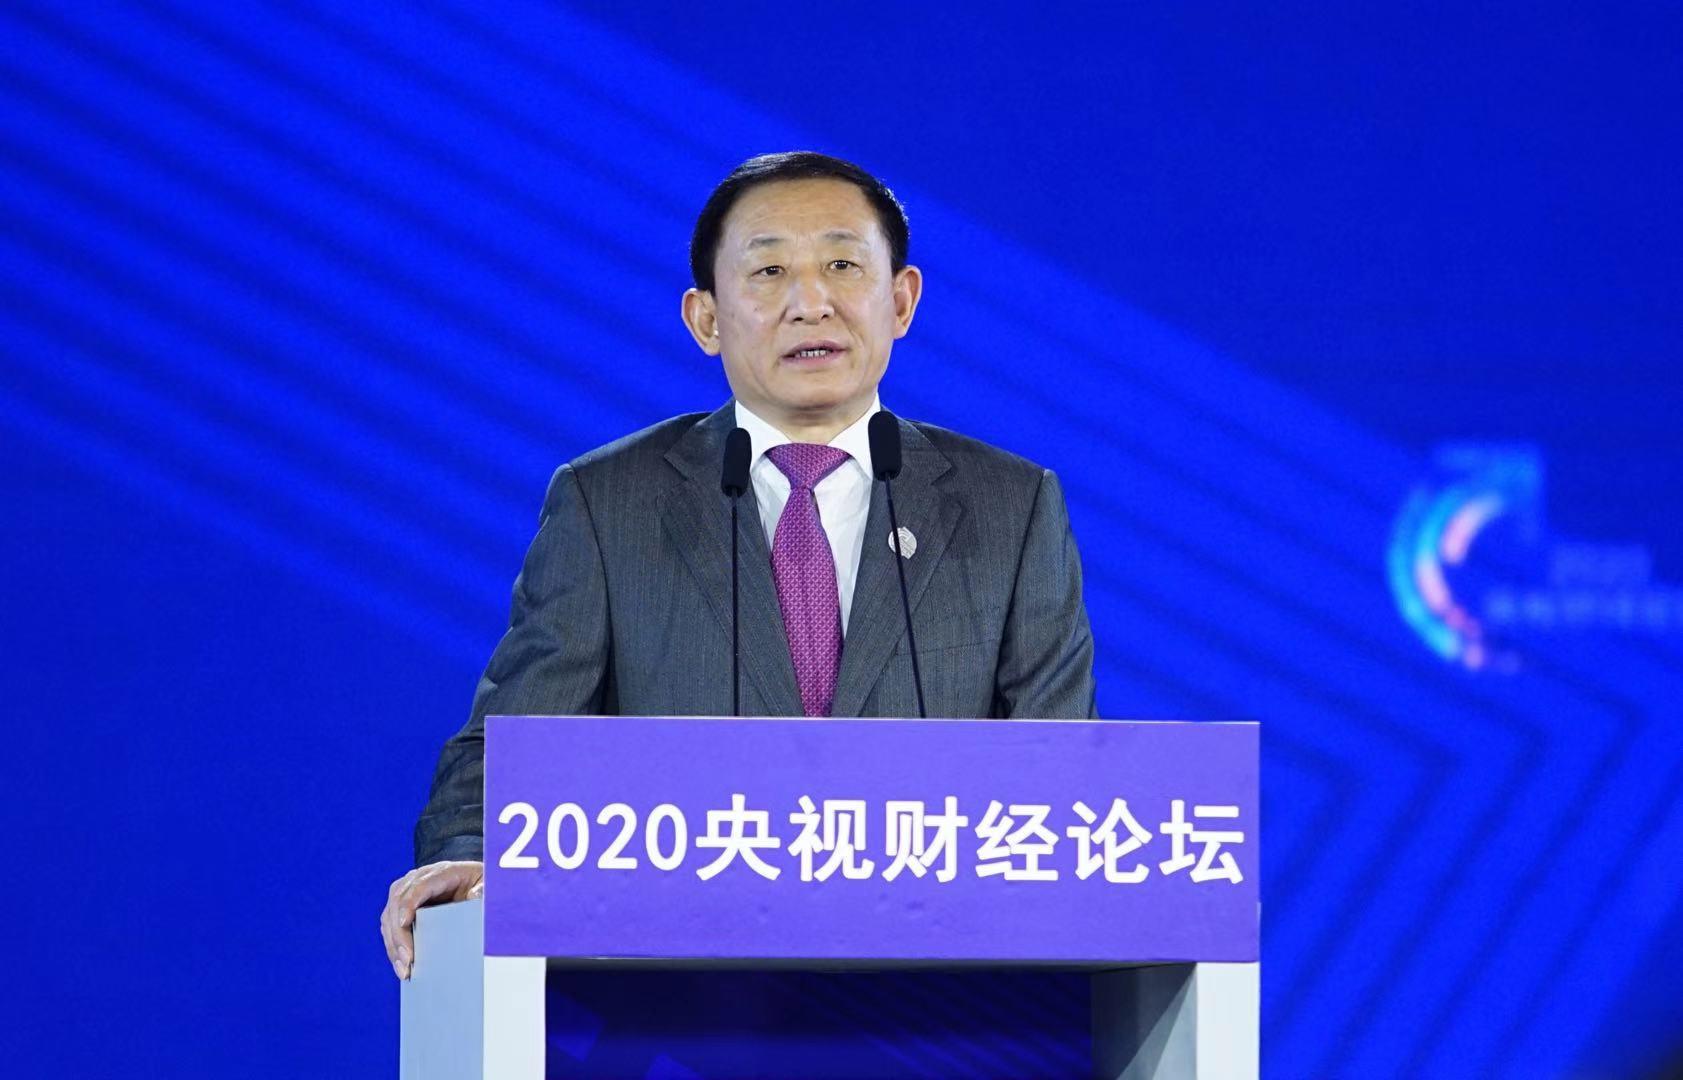 彭华岗出席2020央视财经论坛